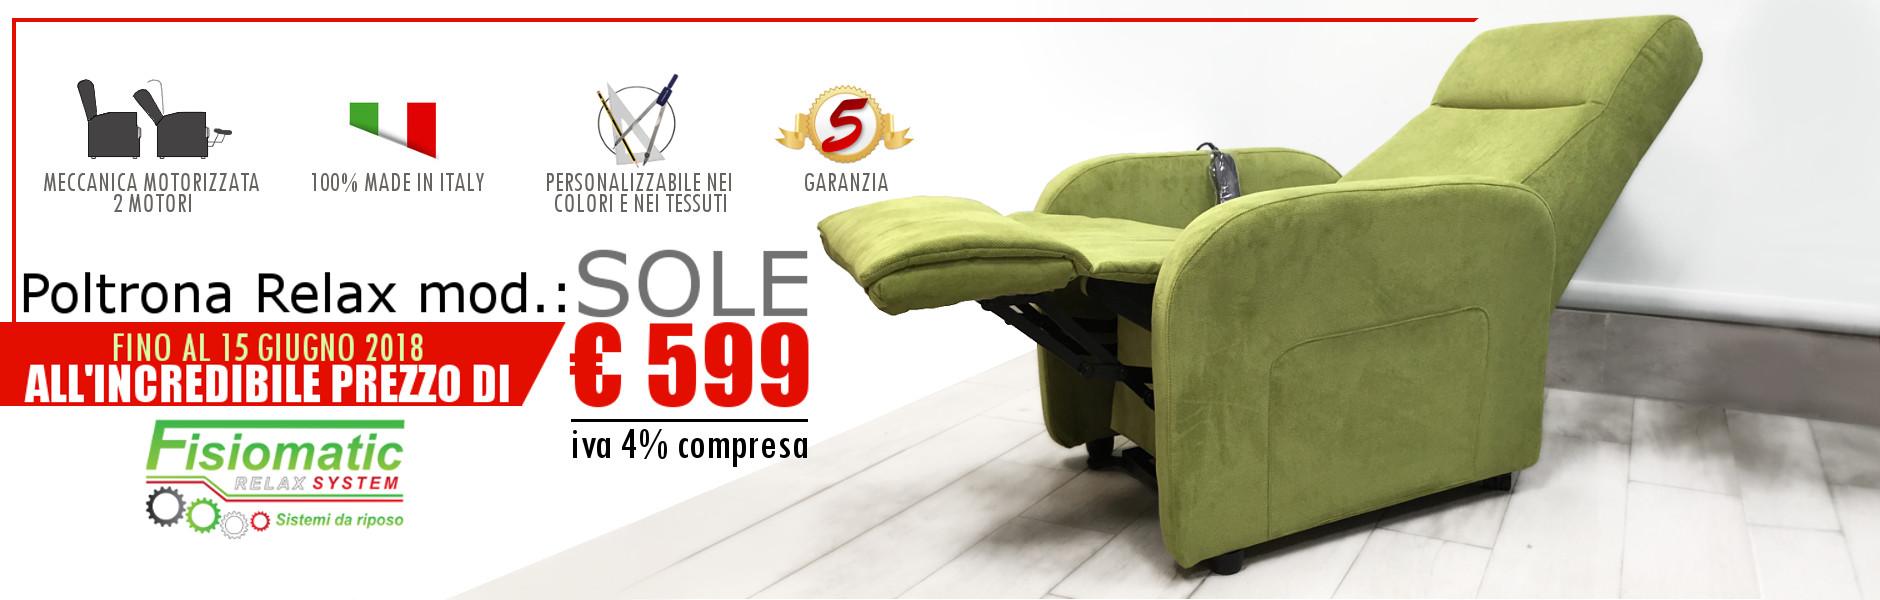 Fisiomatic-Relax-System-promozione-poltrona-motorizzata-modello-Sole-slide